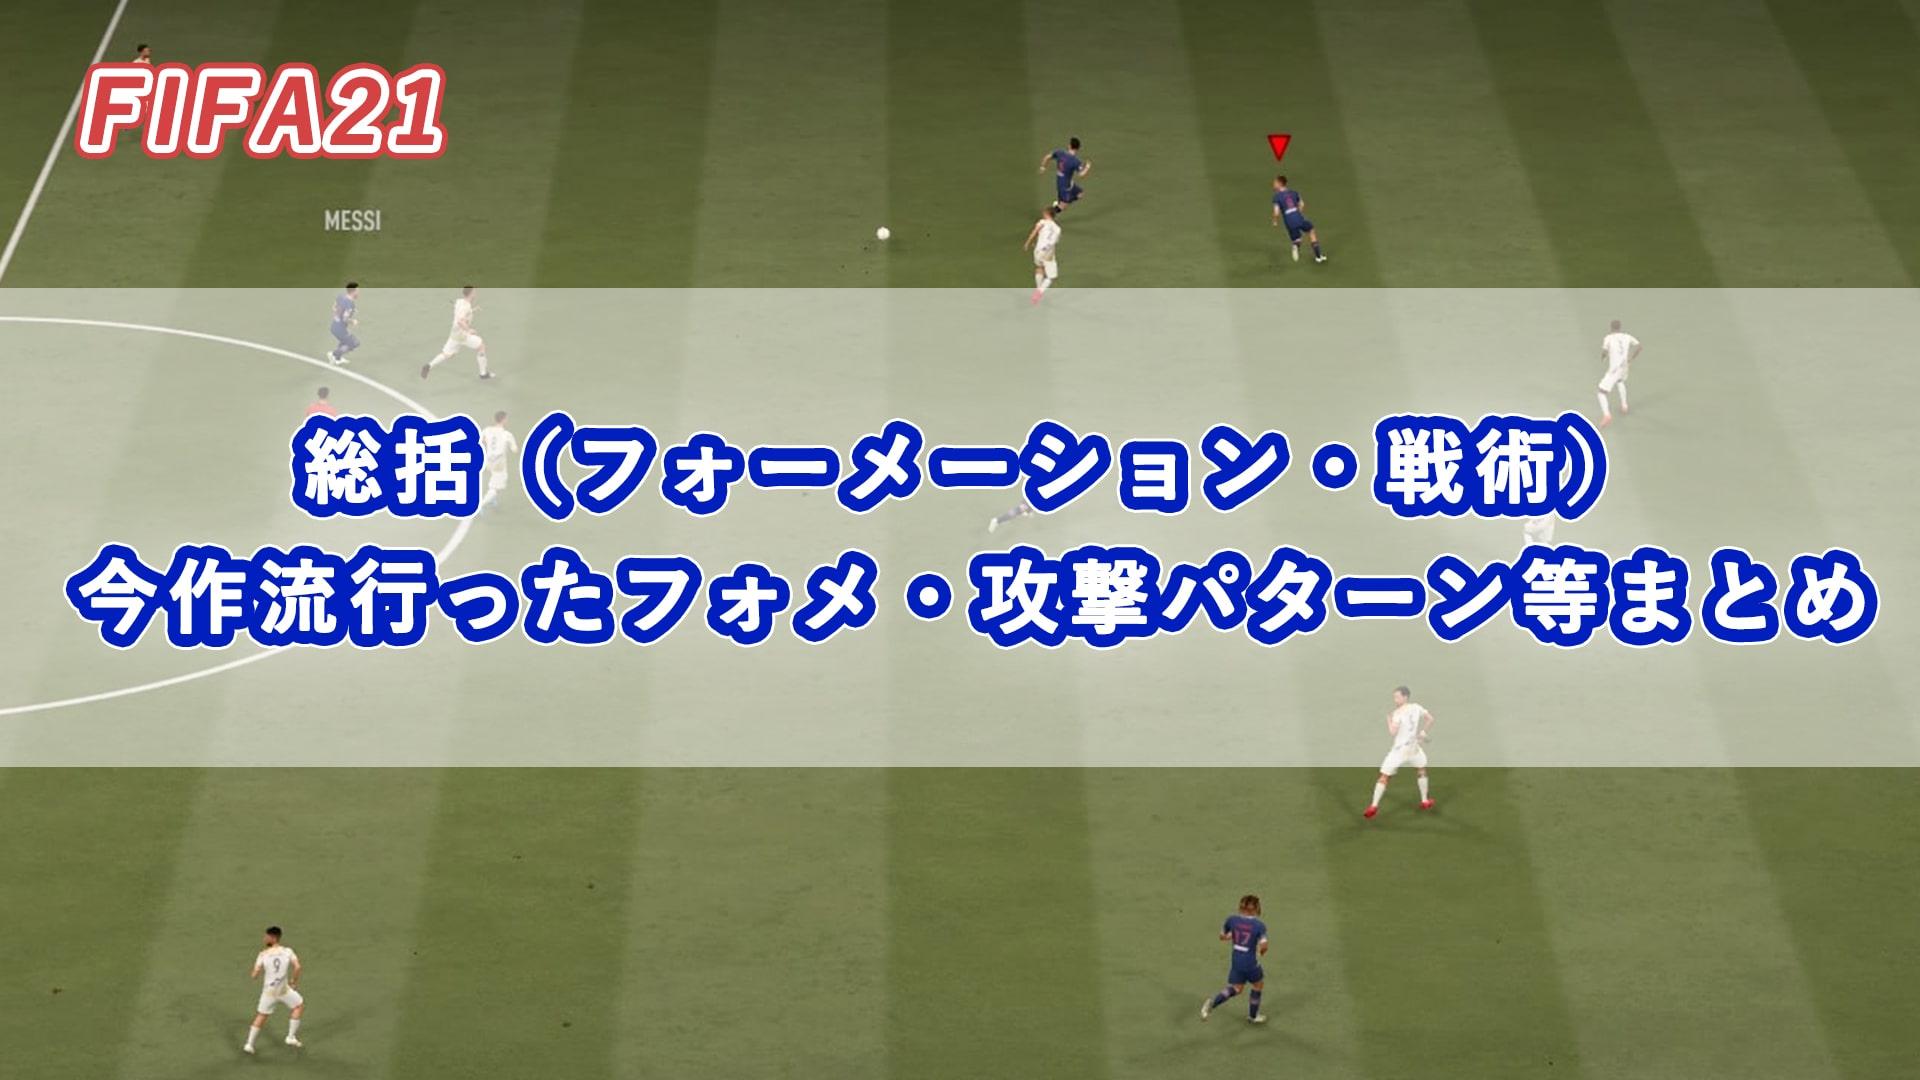 【FIFA21】総括(フォーメーション・戦術) 今作流行ったフォメ・スキム・攻撃パターン等まとめ